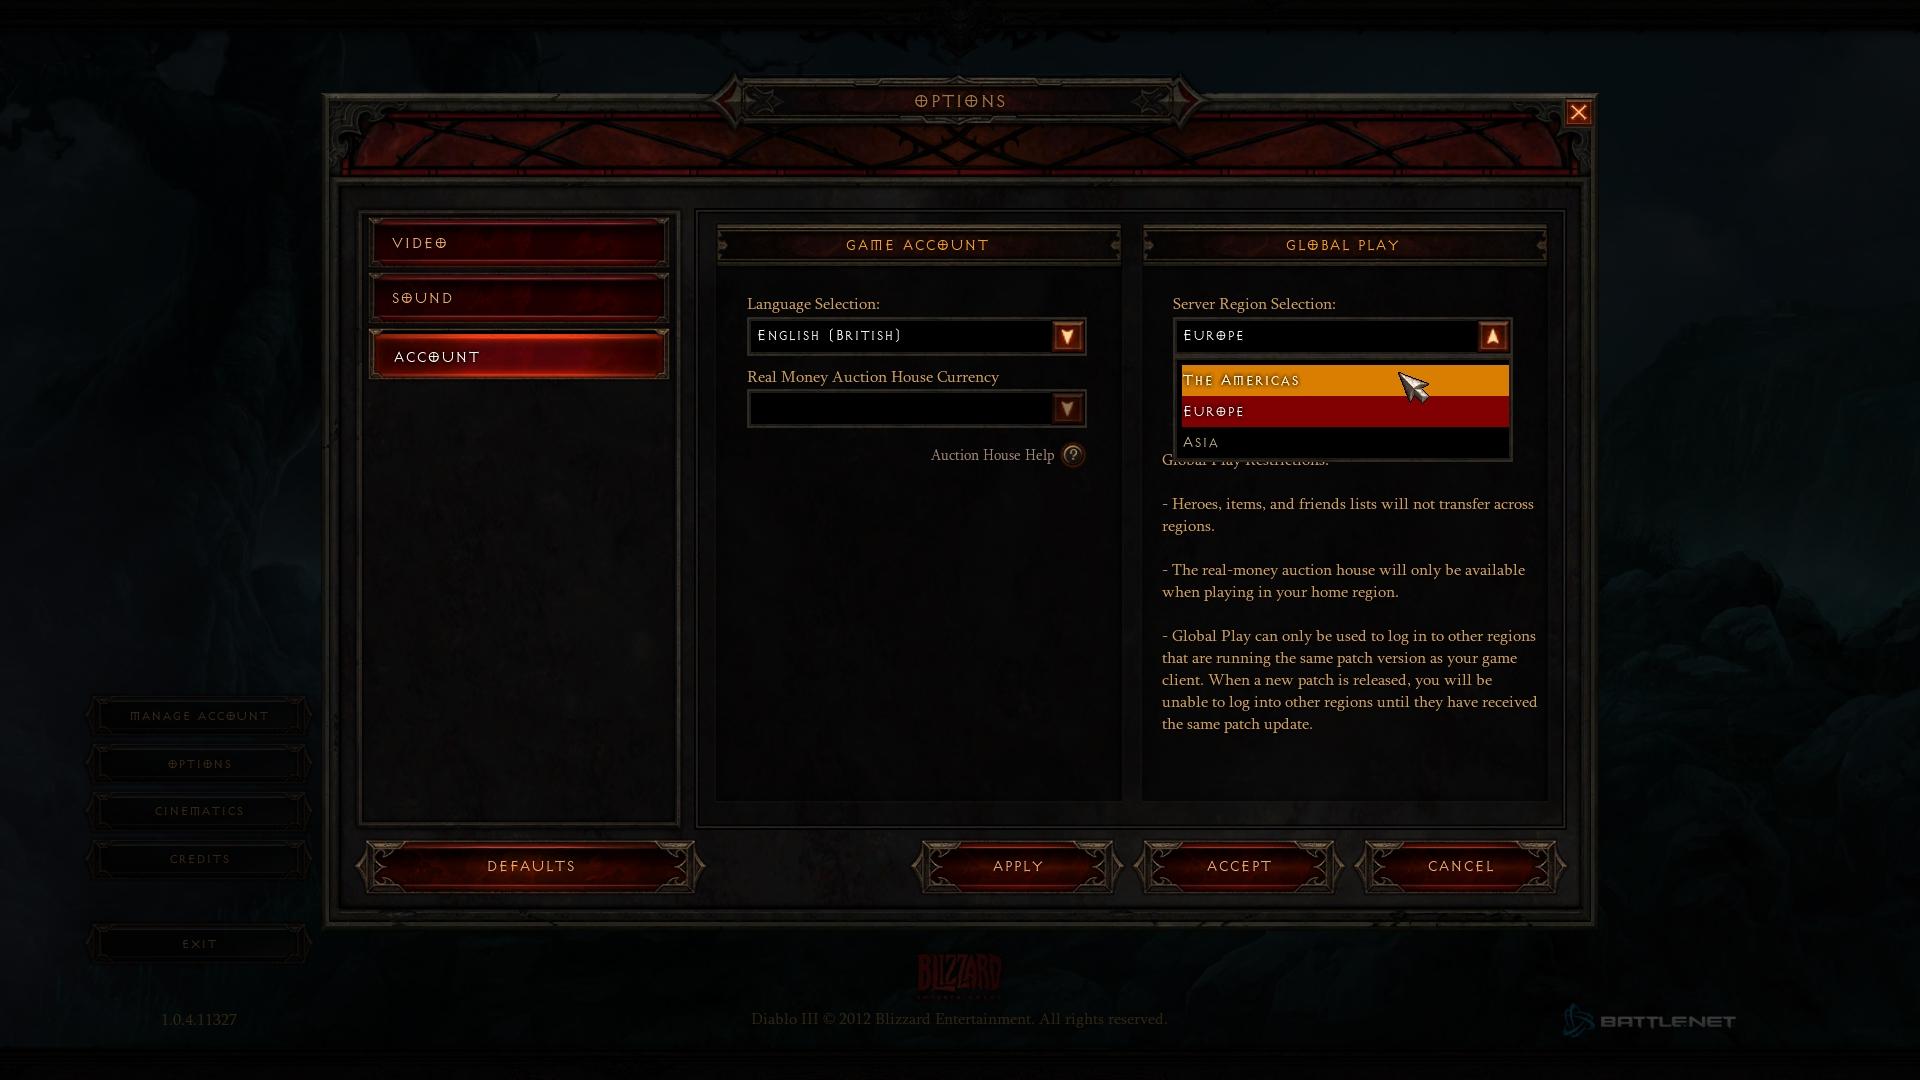 Diablo 3 1.0.5 PTR czyli jak pozbyć się error 12 screnshot 2